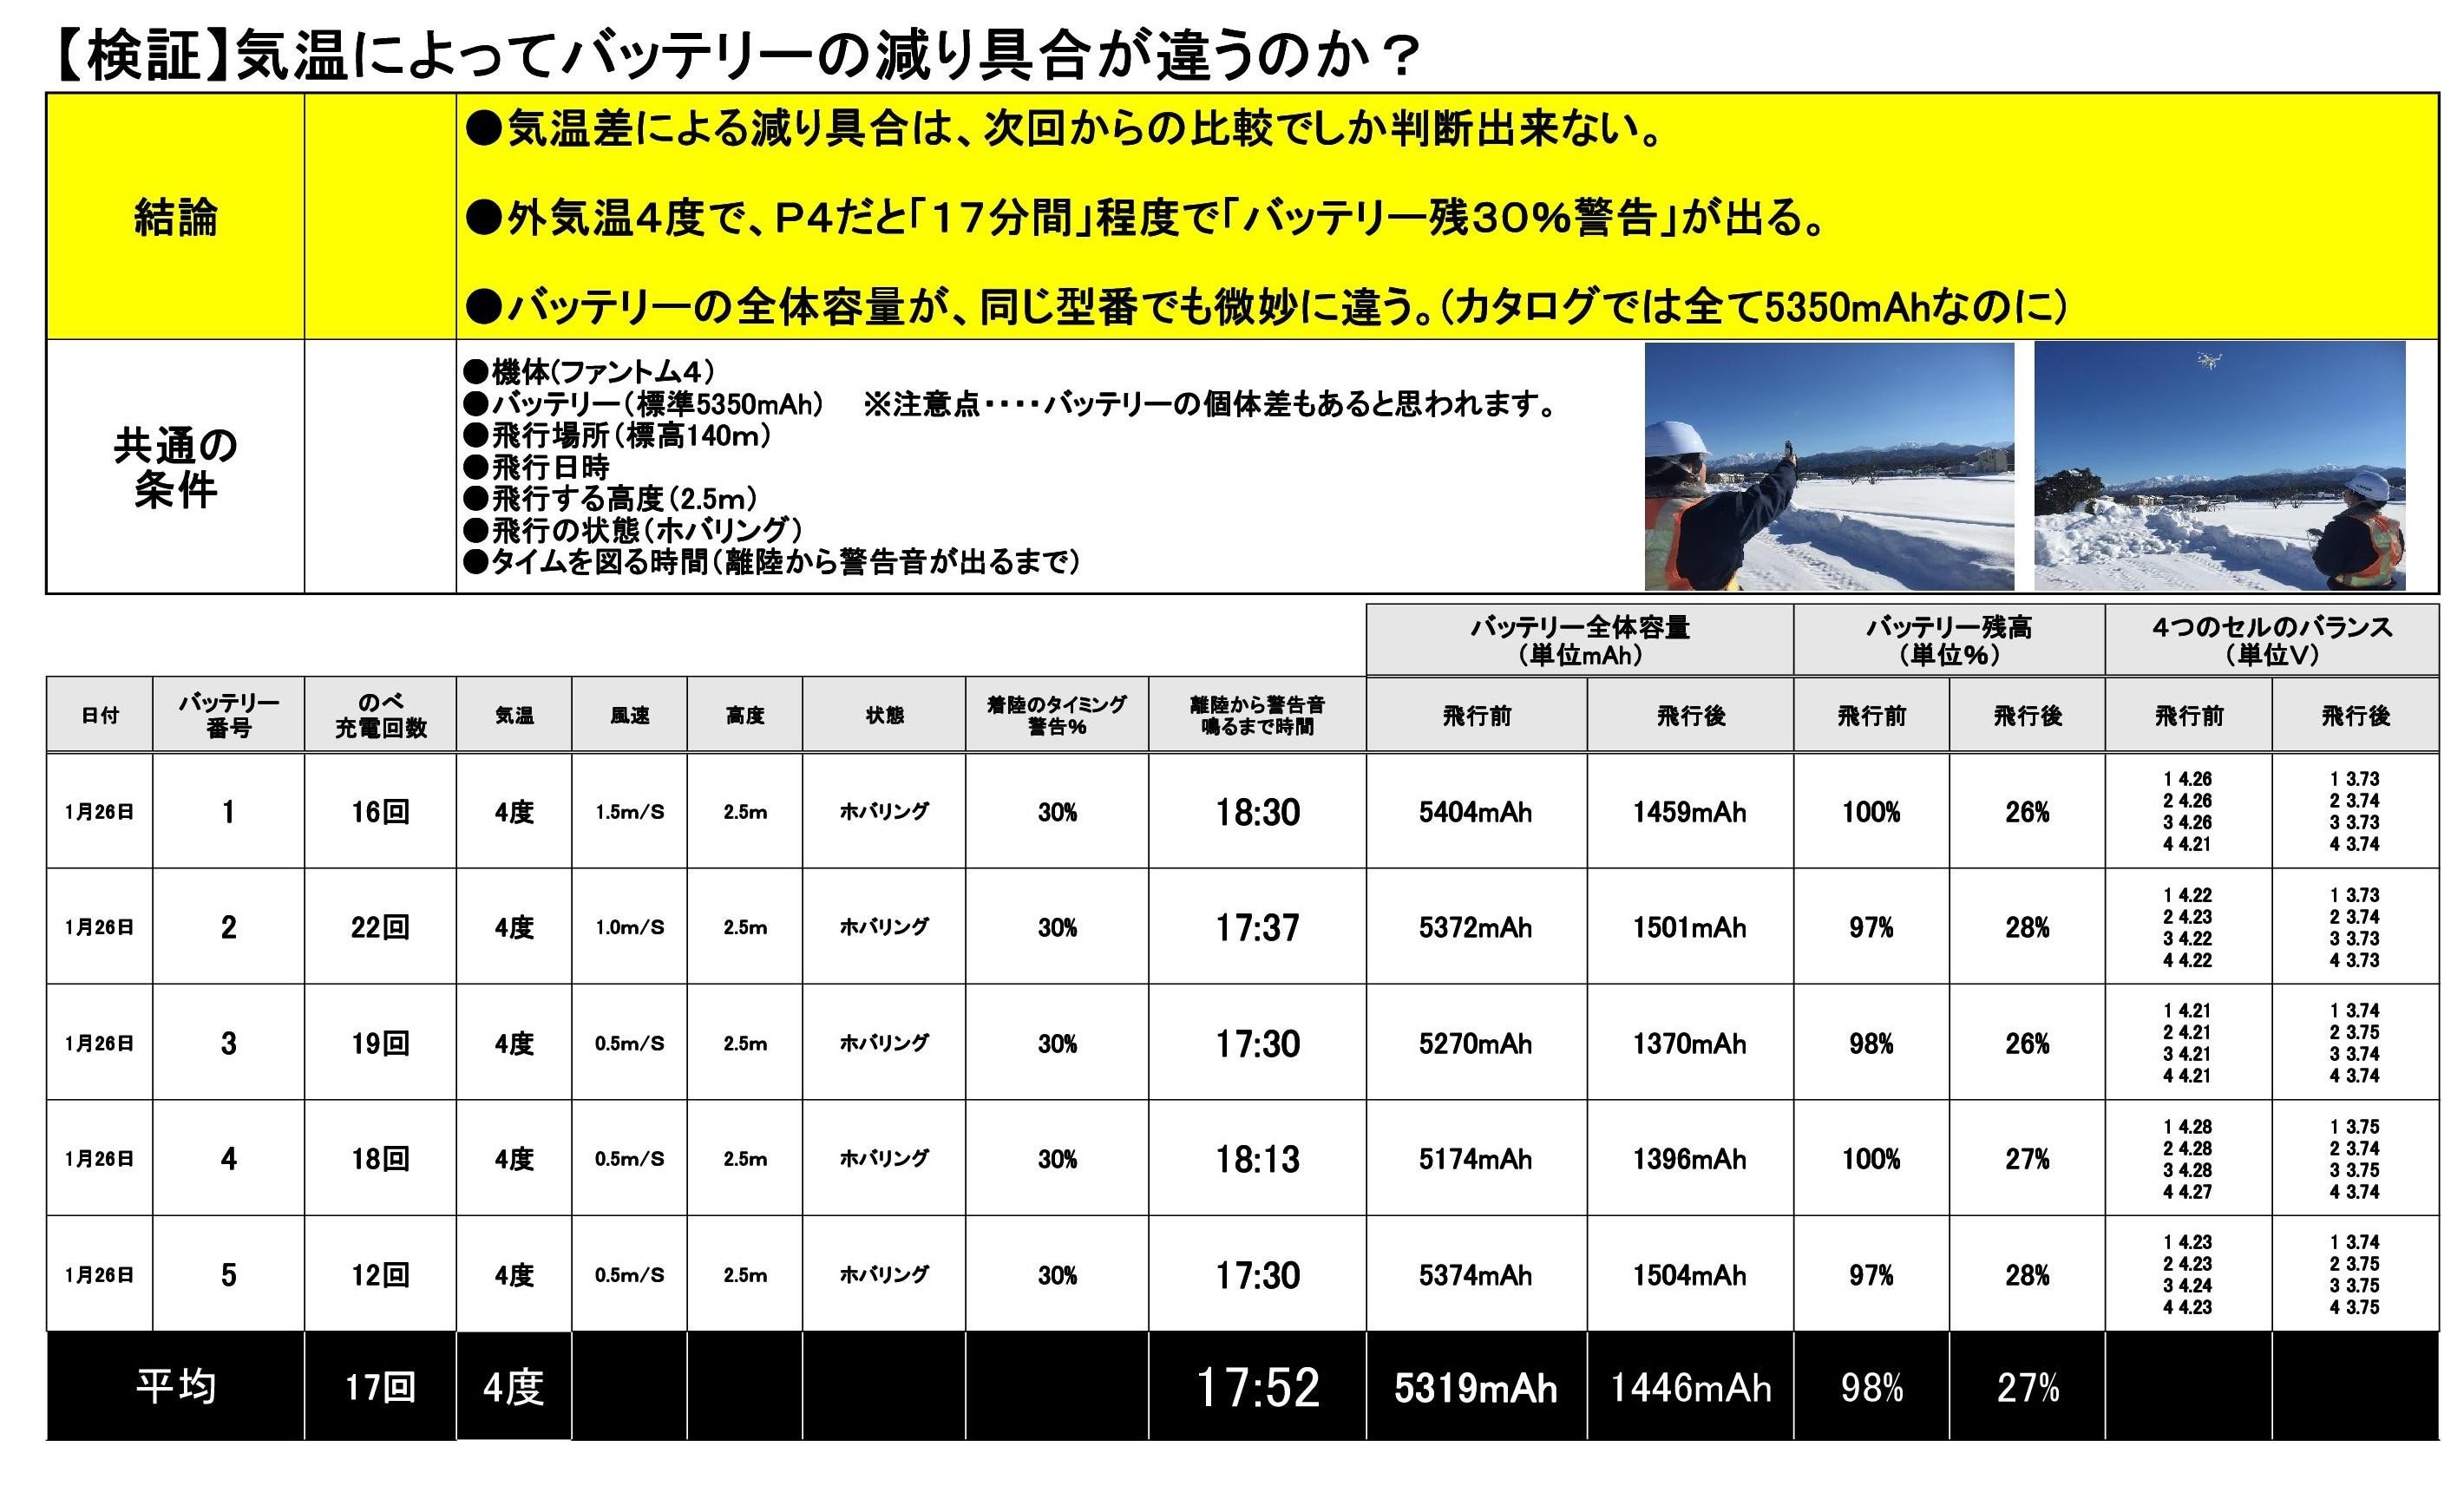 【ドローン検証】冬場のバッテリー実験【松嶋建設】.jpg